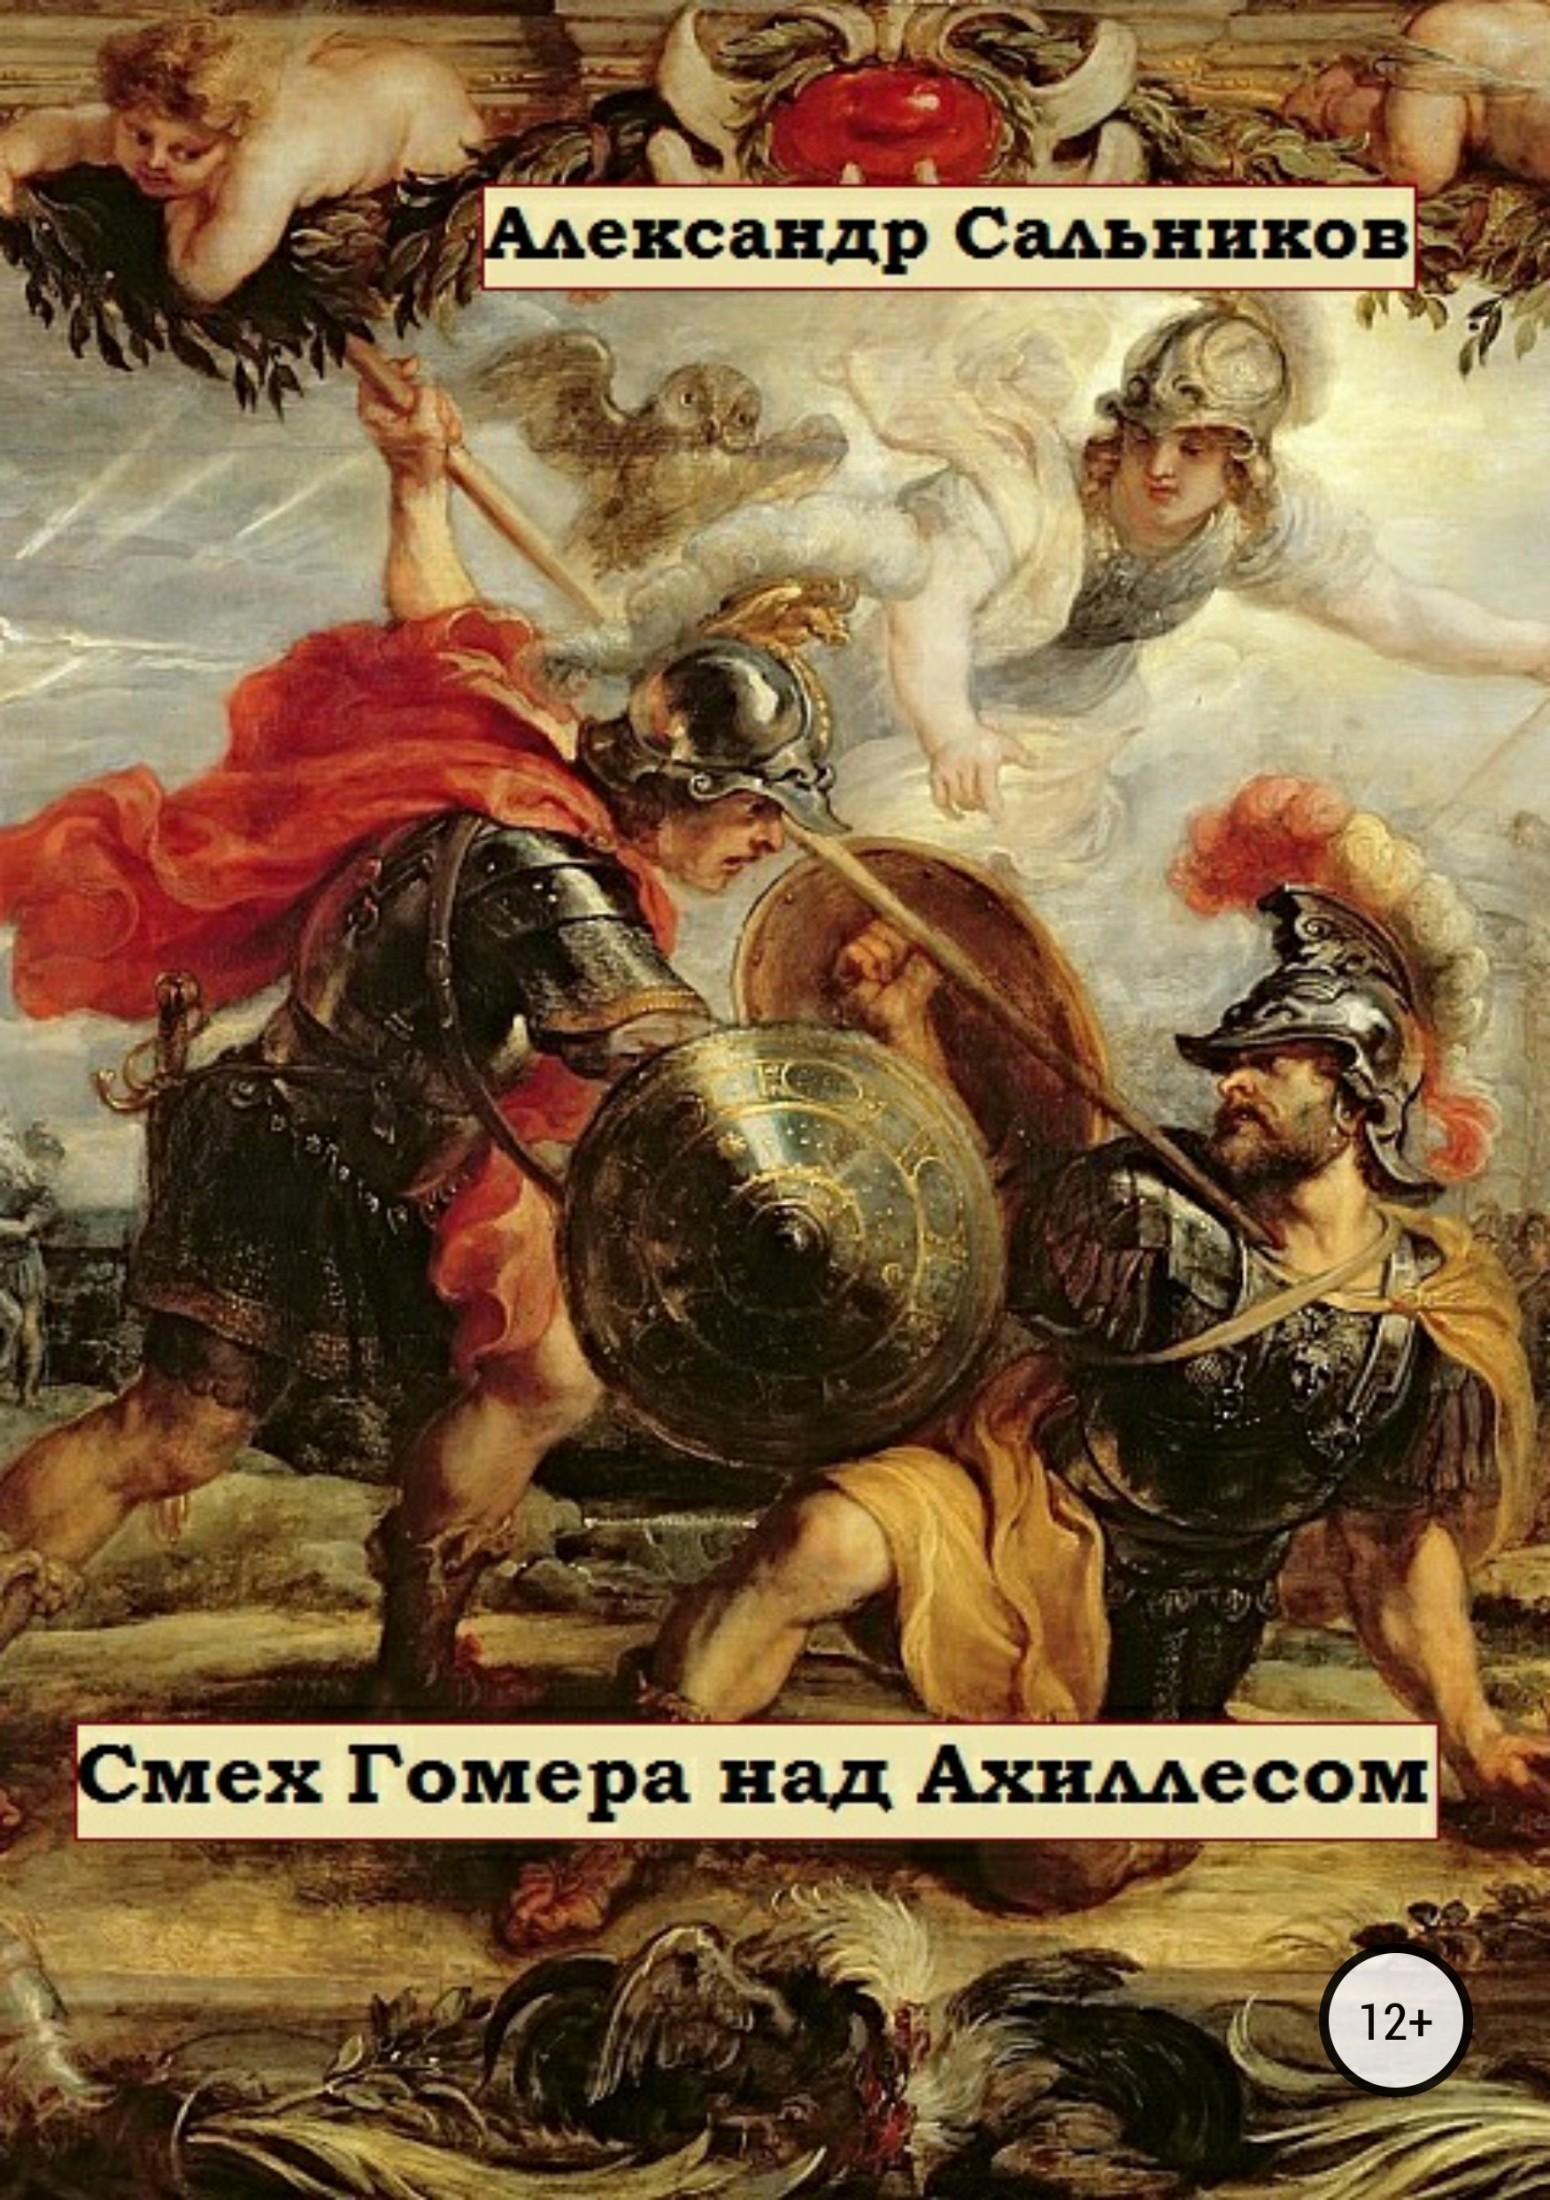 Александр Аркадьевич Сальников Смех Гомера над Ахиллесом